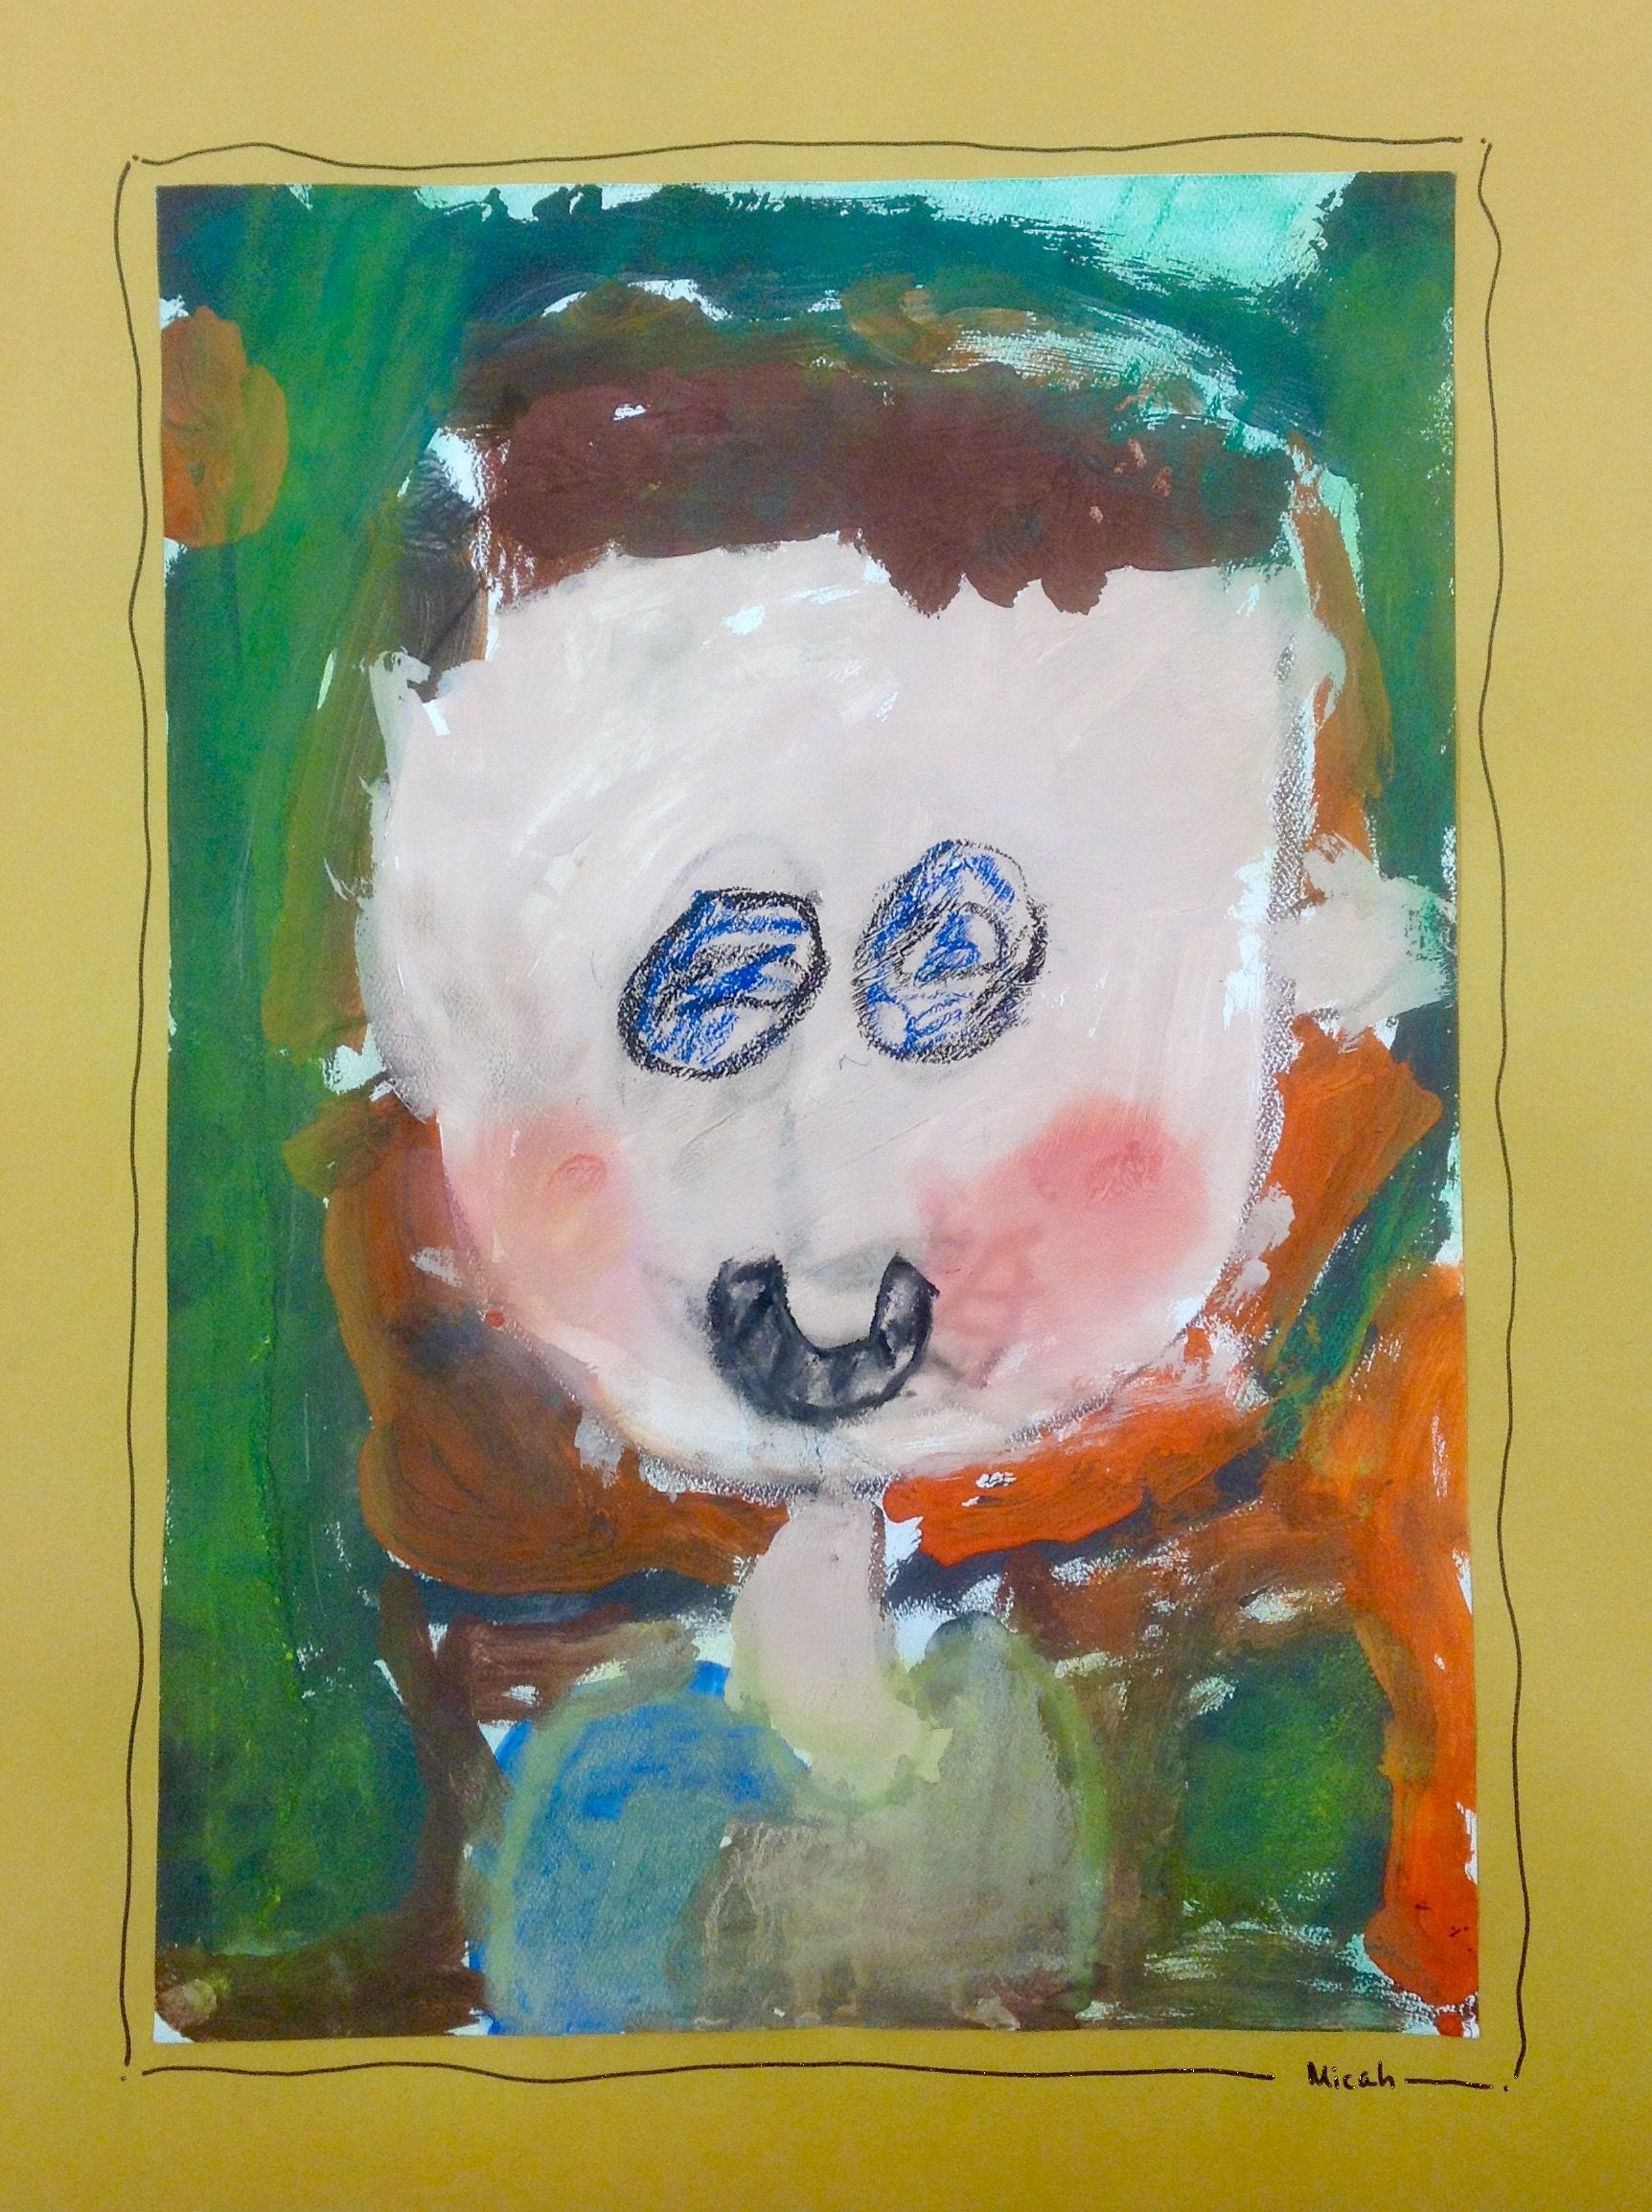 Kindergarten self-portrait